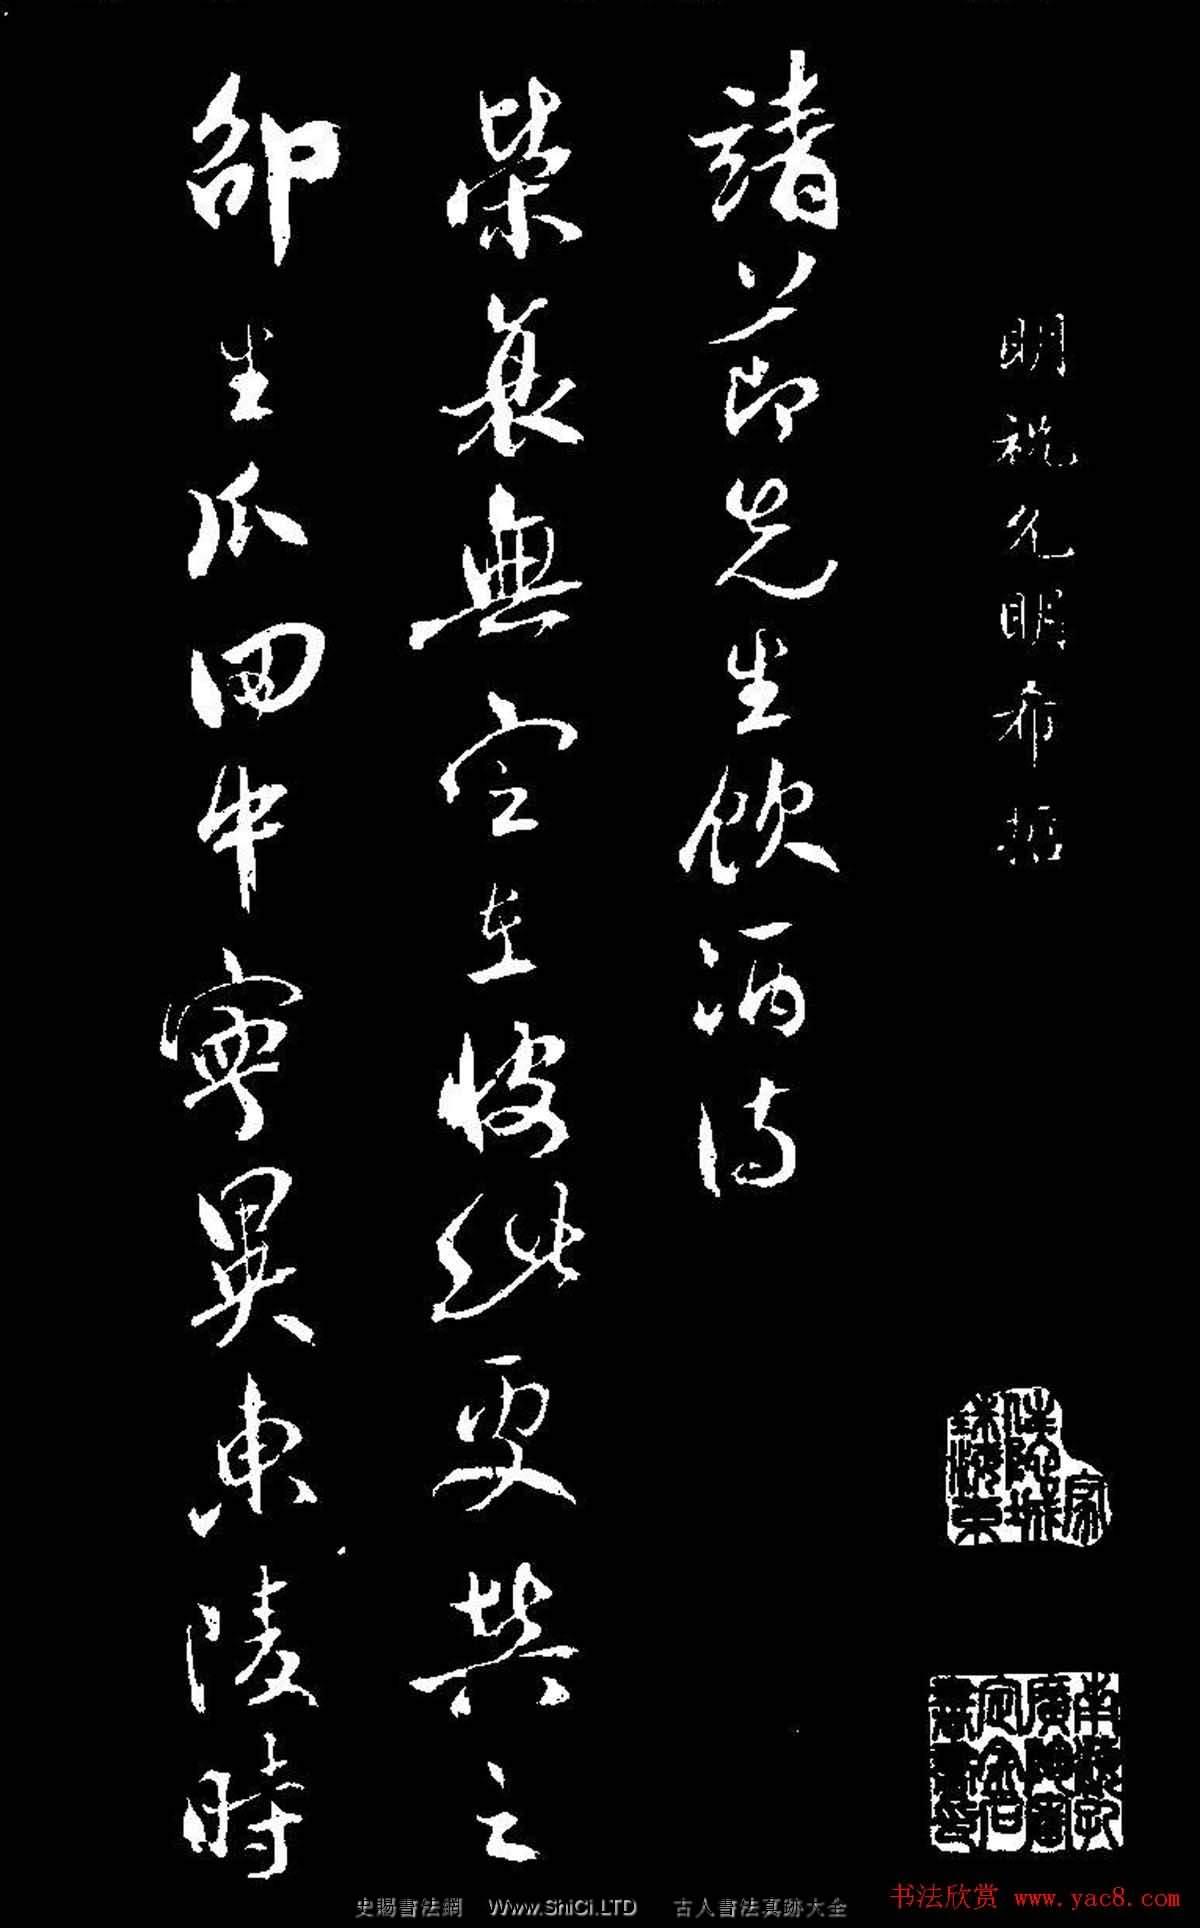 祝允明行草書法字帖《靖節先生飲酒詩》(共16張圖片)